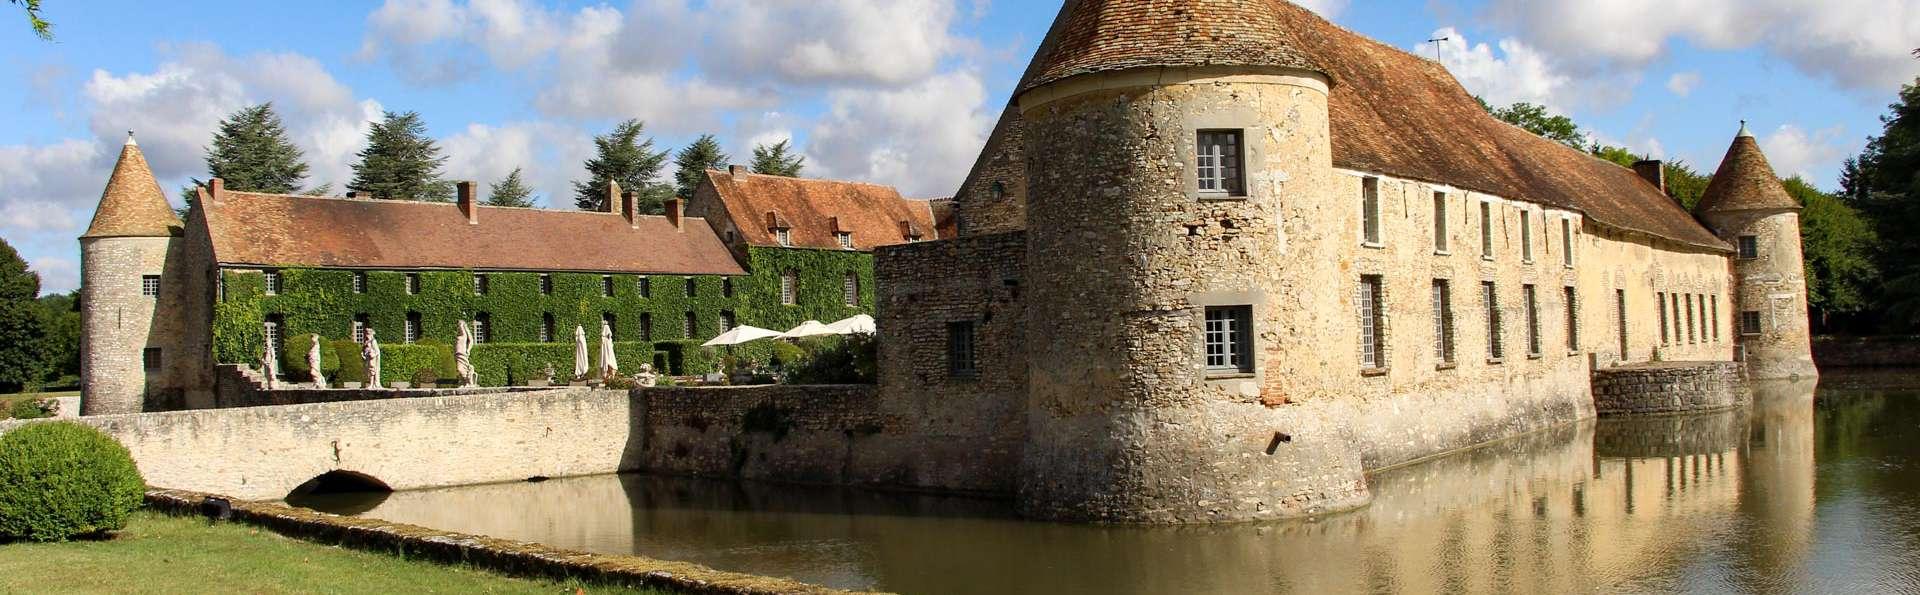 Les Maisons de Campagne - Château de Villiers-Le-Mahieu - EDIT_EXTERIOR_02.jpg